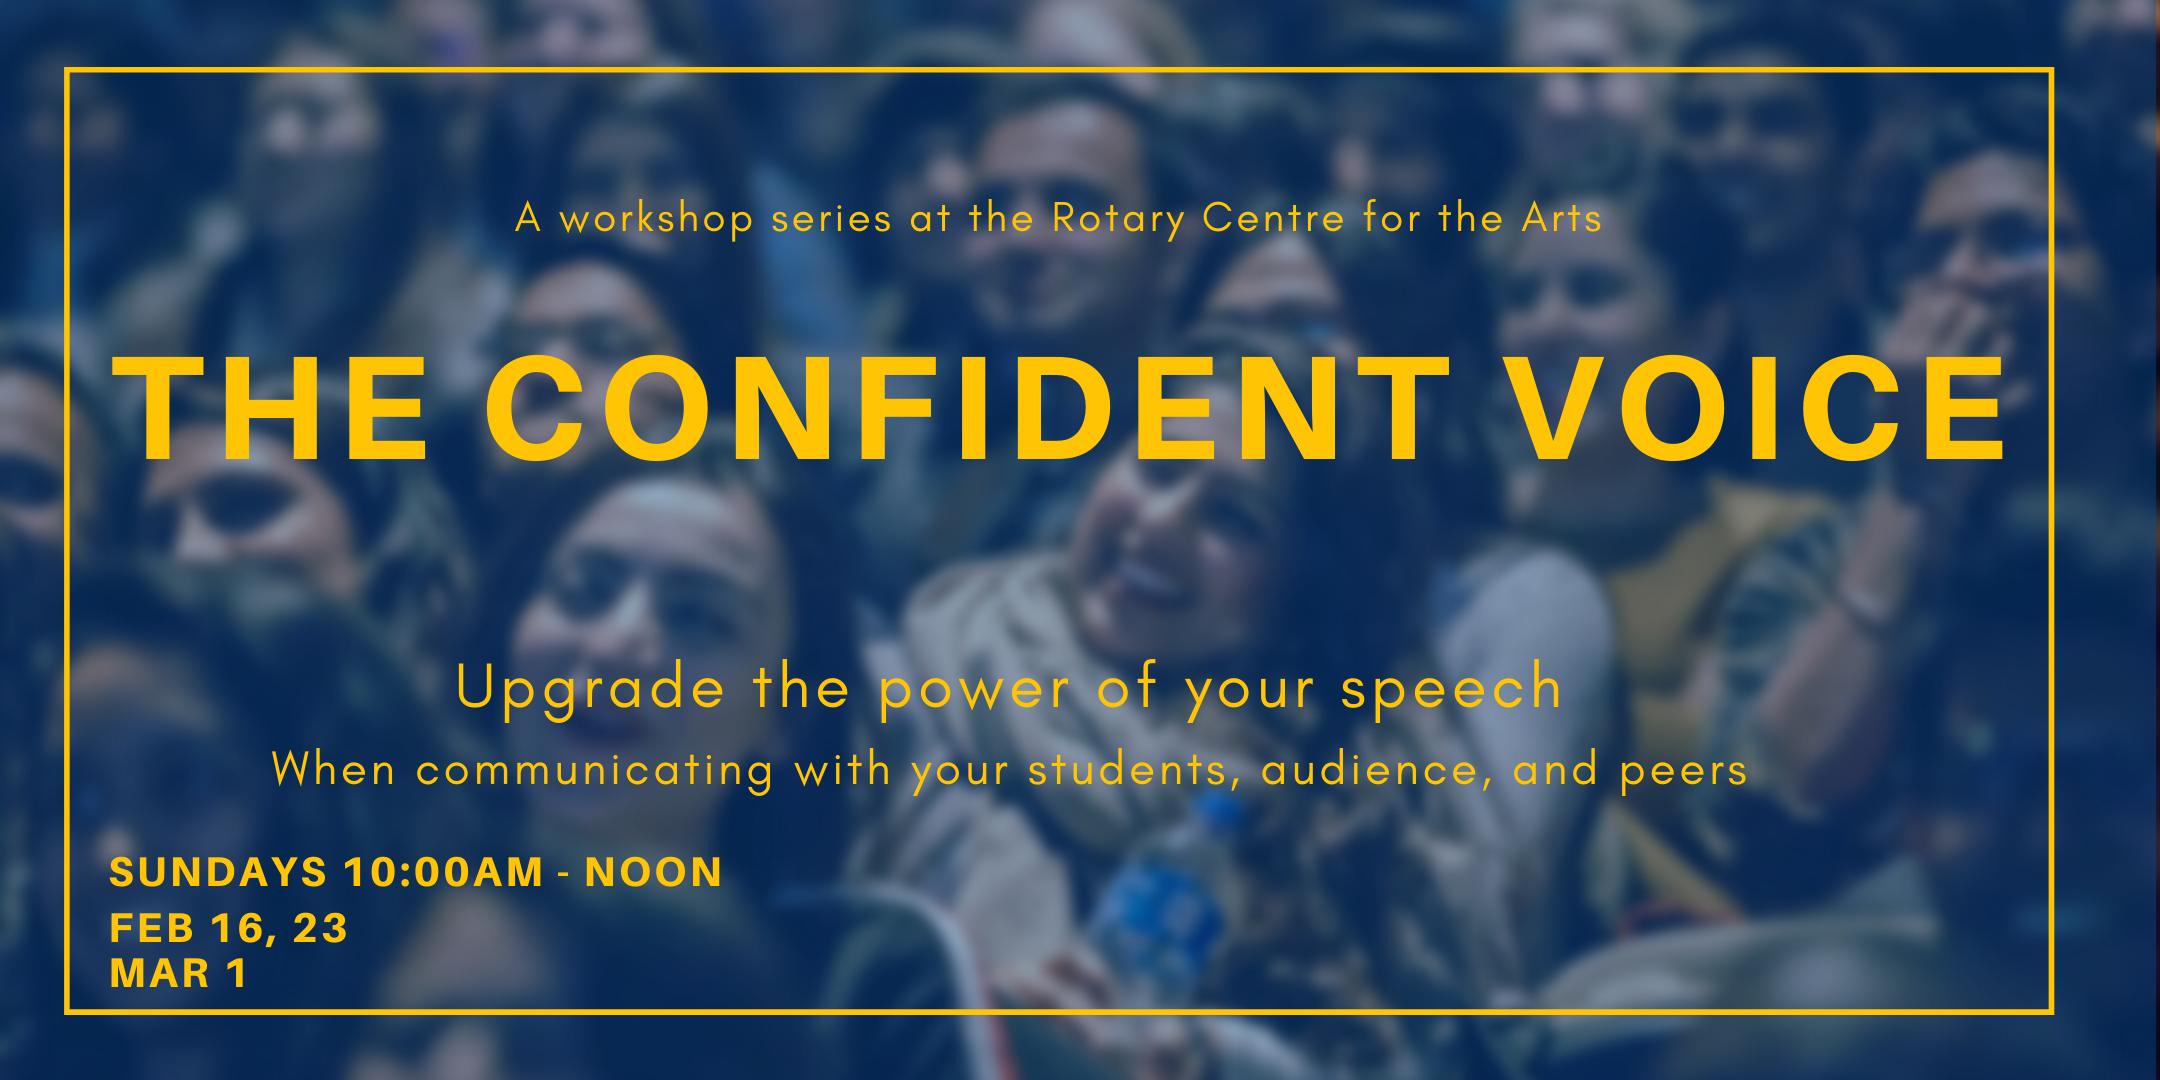 The Confident Voice Workshop Series